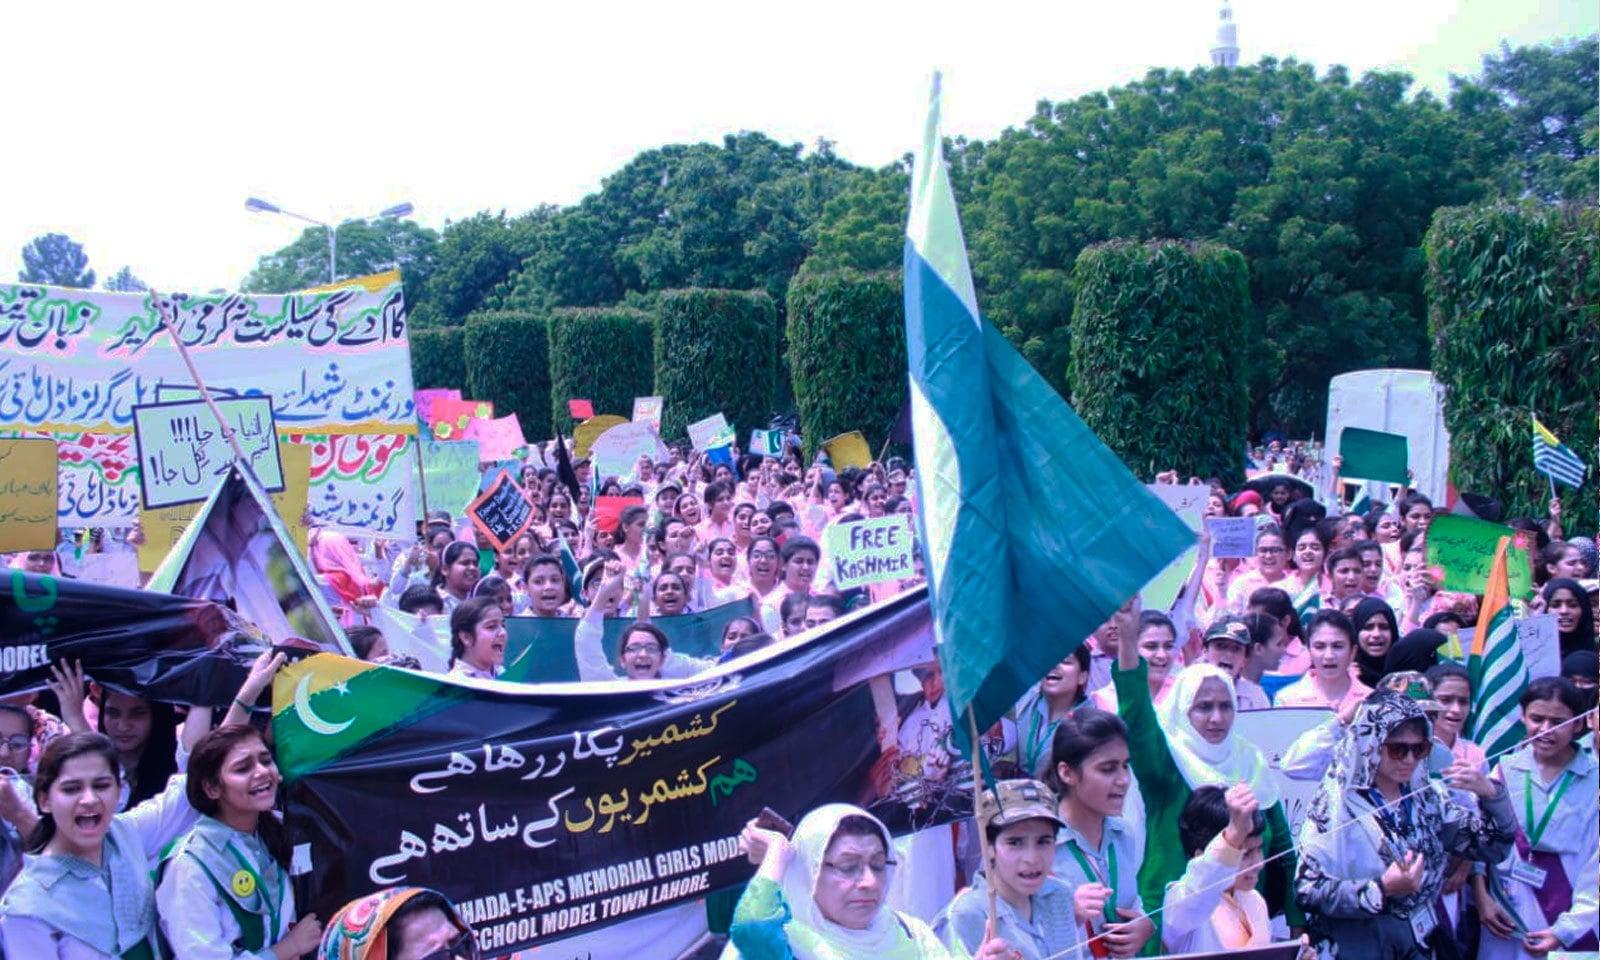 لاہور میں تعلیمی اداروں کی جانب سے بھی  کشمیر آور منایا گیا — فوٹو: پی ٹی آئی ٹوئٹر